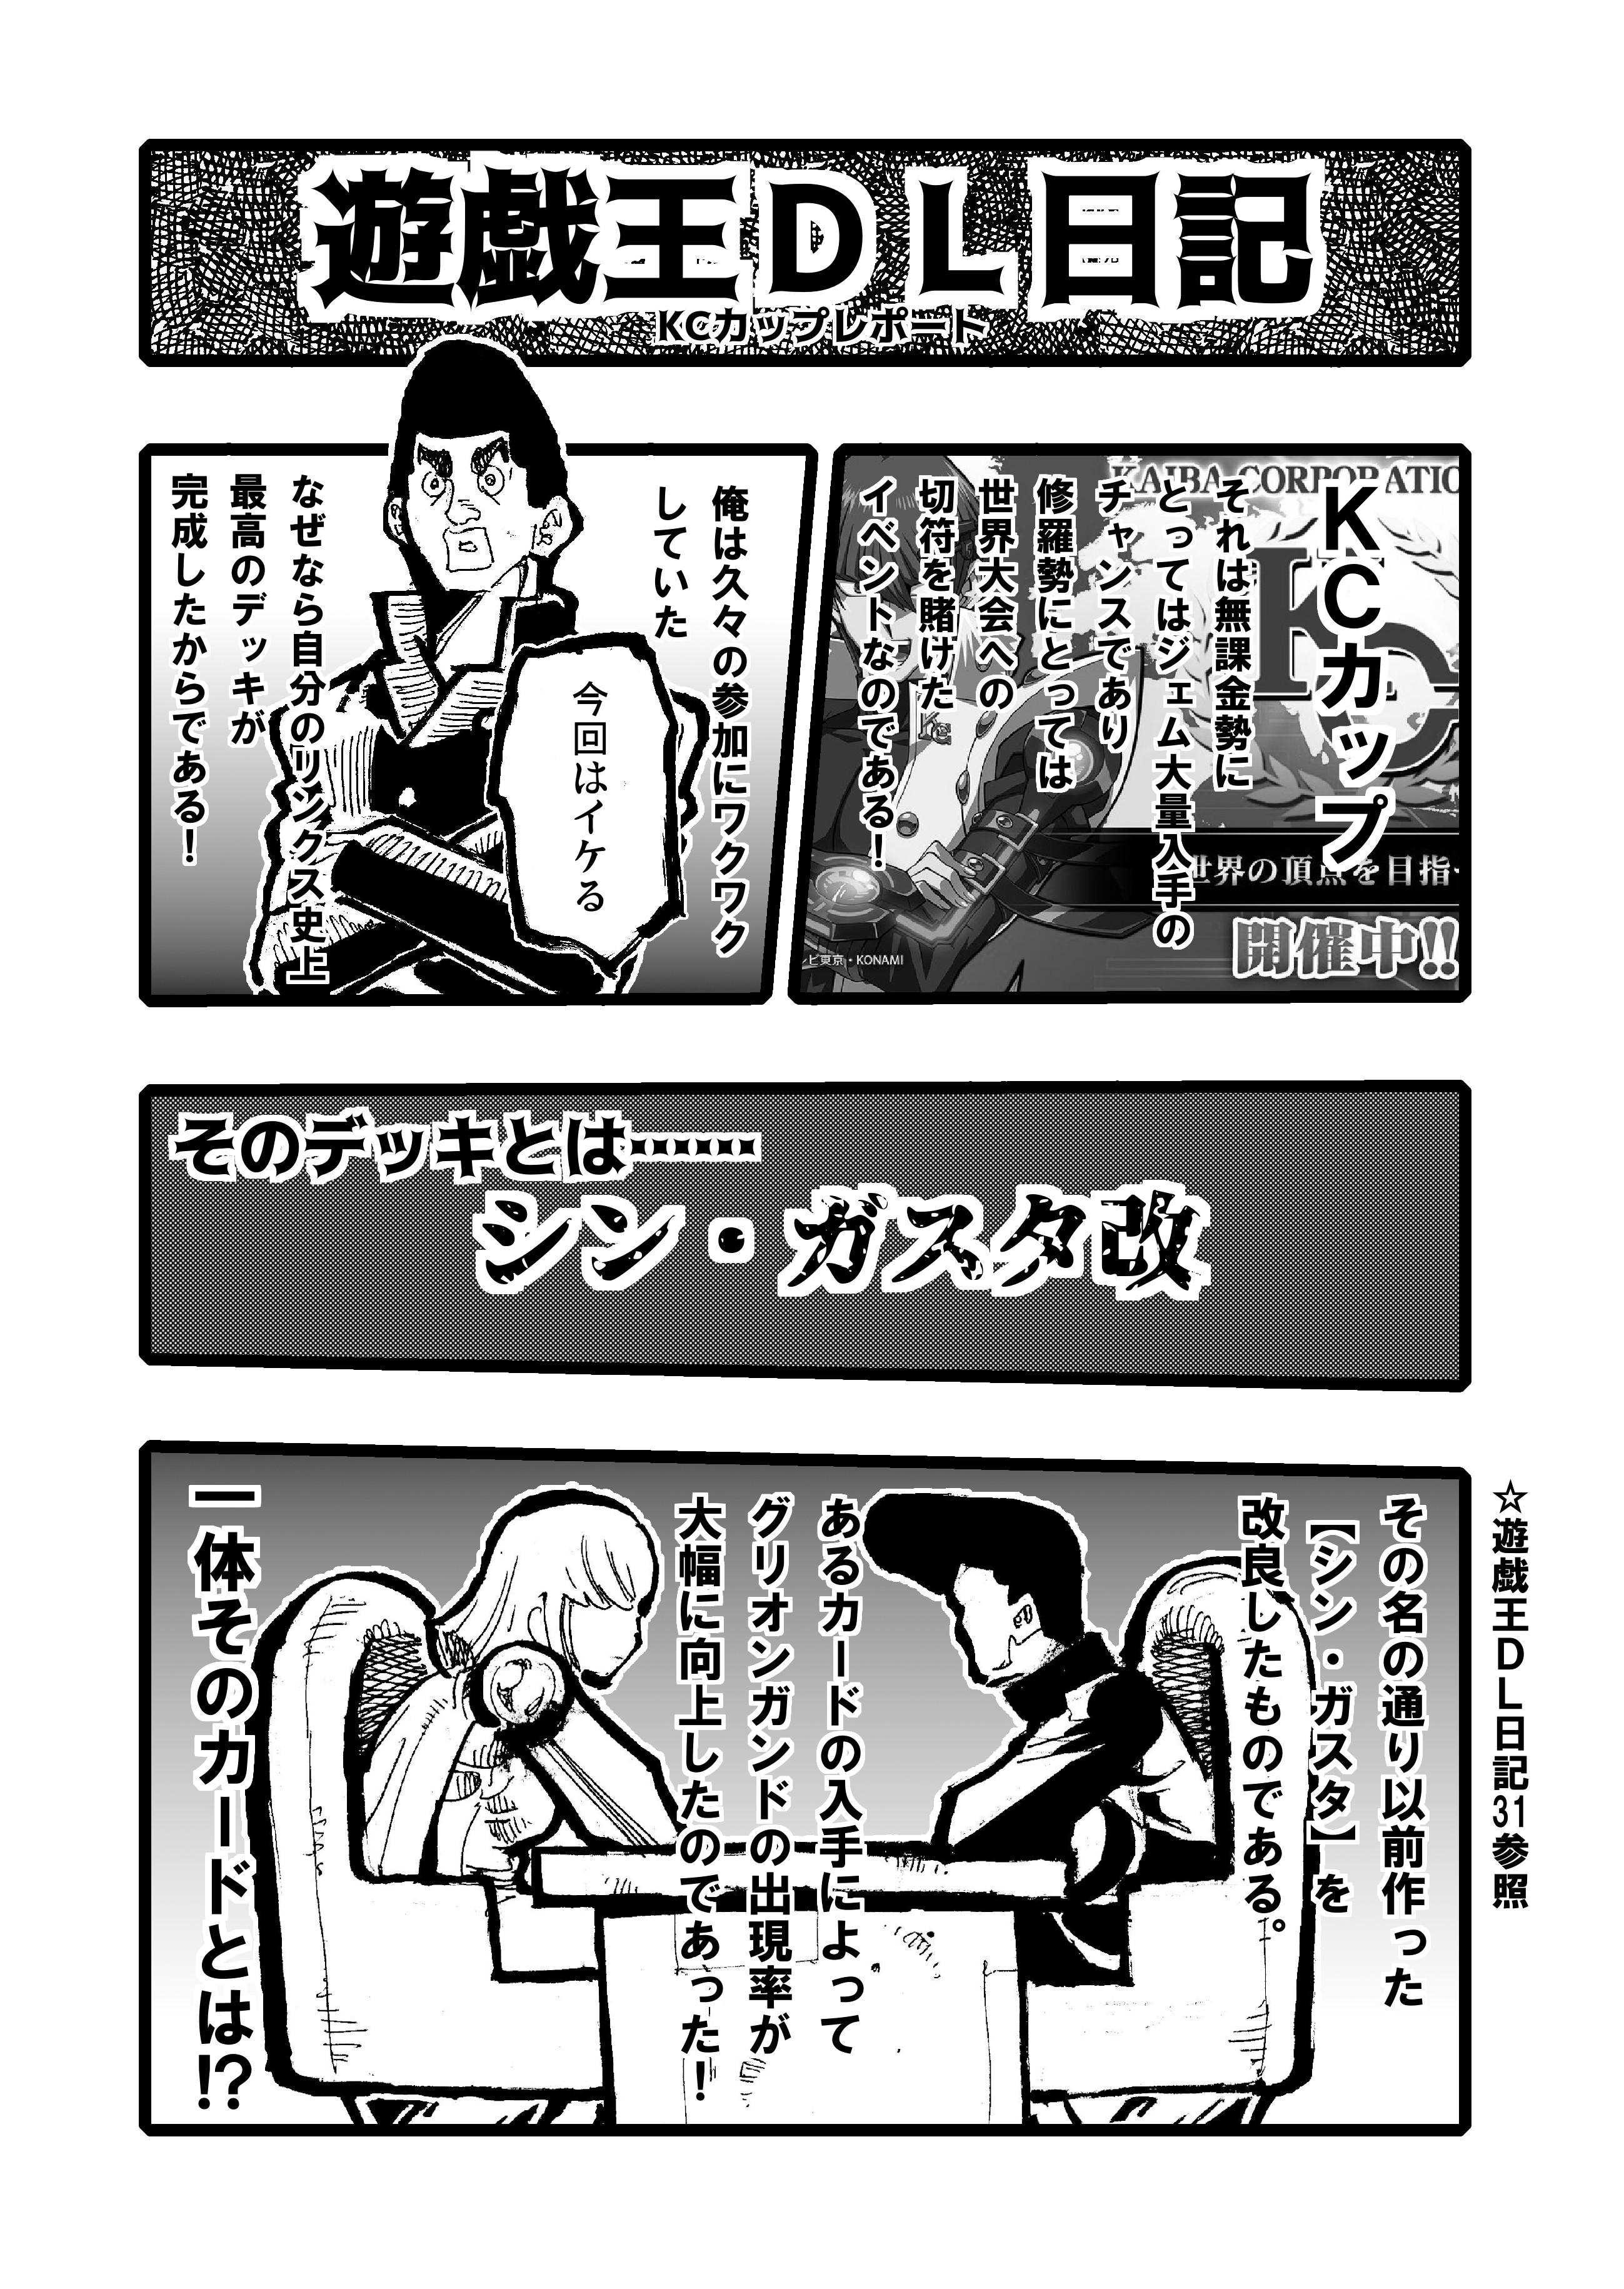 遊戯王デュエルリンクス日記48 KCカップレポート